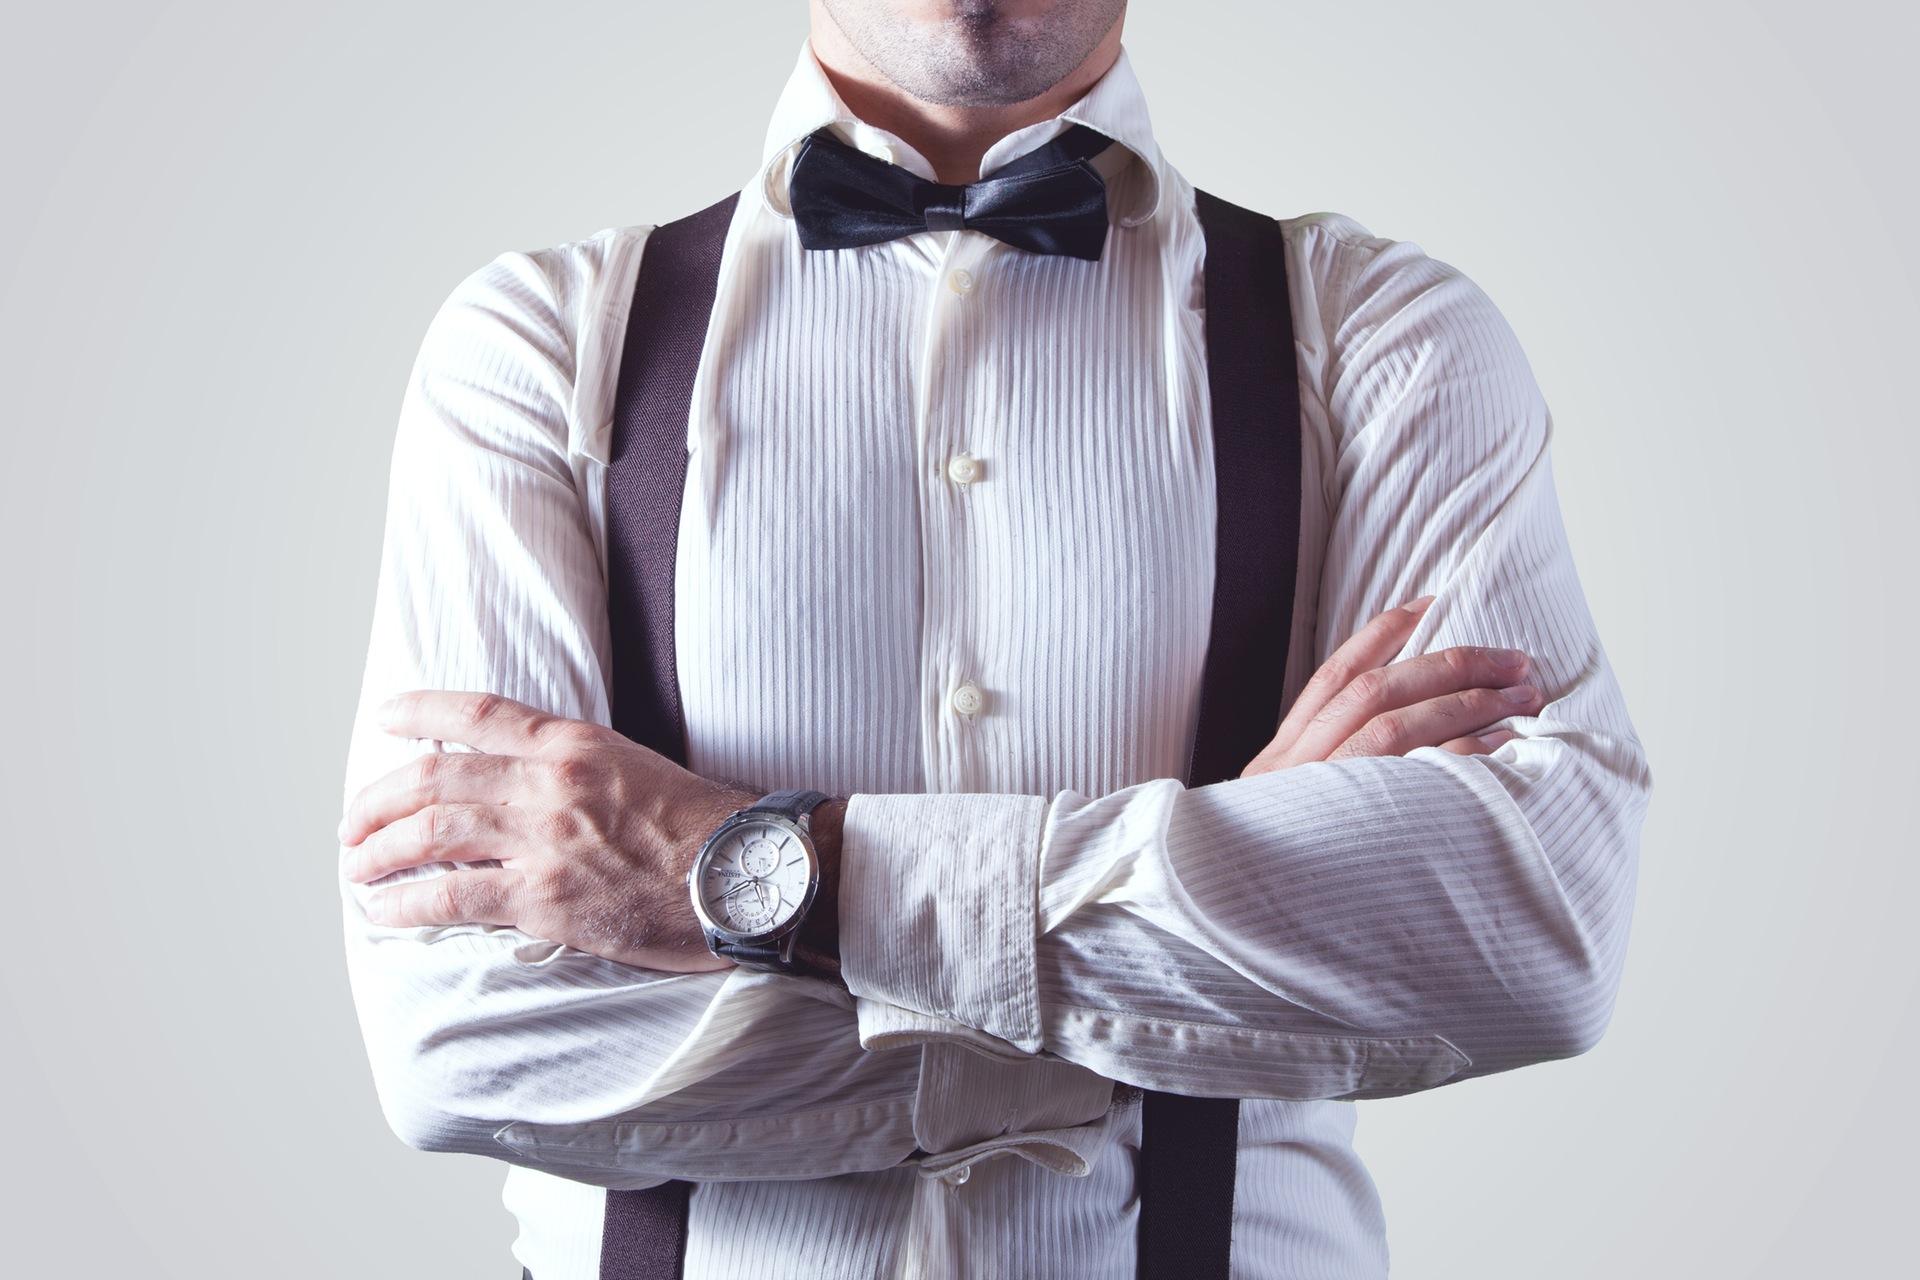 Bow tie businessman fashion man